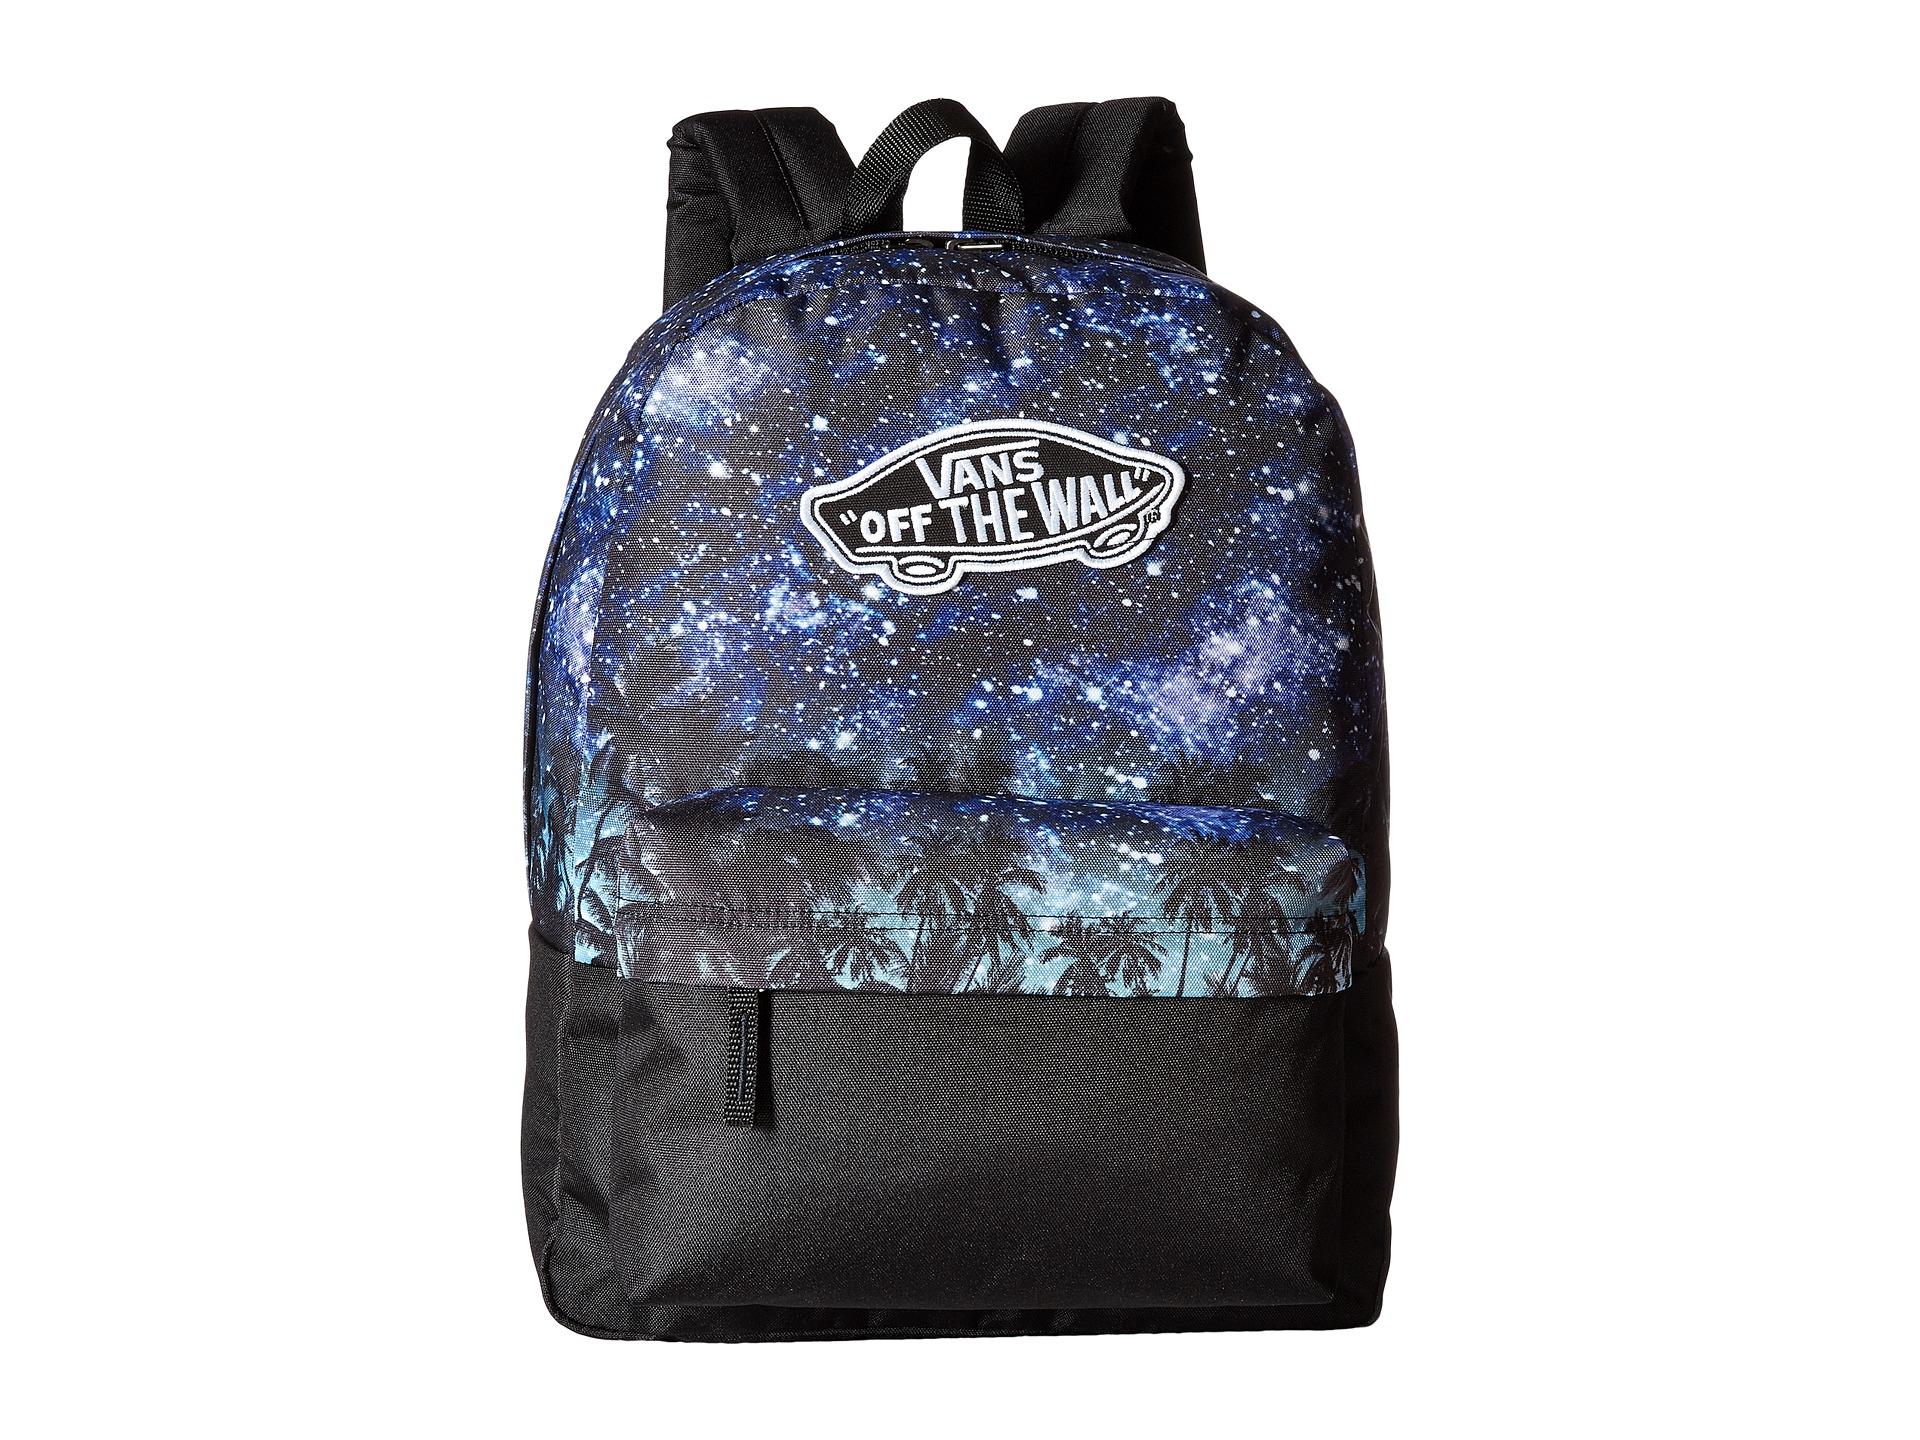 Lyst - Vans Realm Divide Backpack in Blue for Men fecca756f2c13